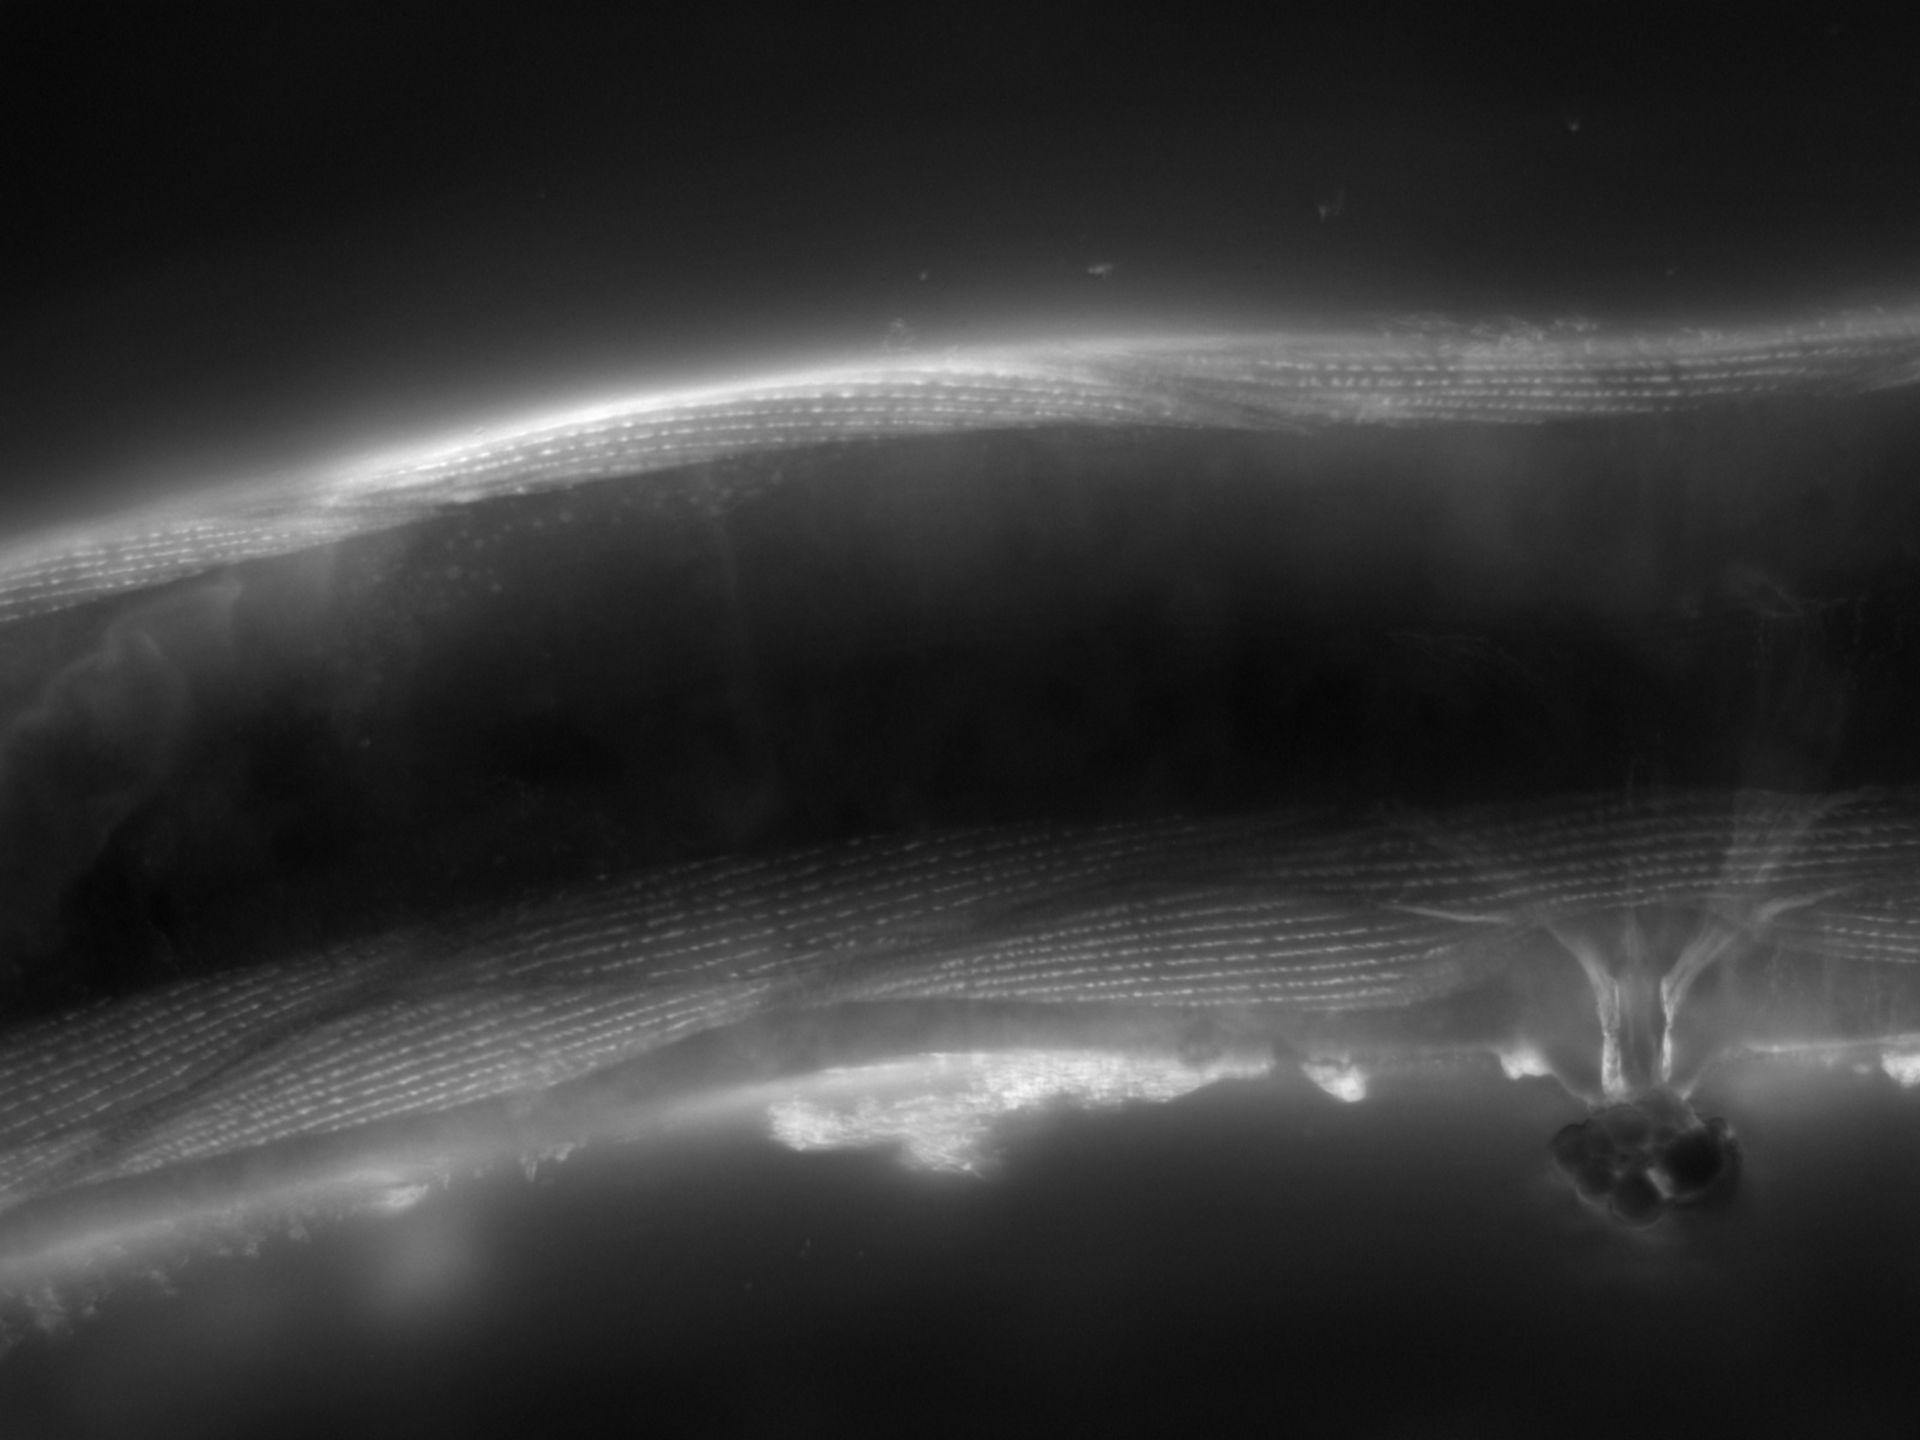 Caenorhabditis elegans (Actin filament) - CIL:1197